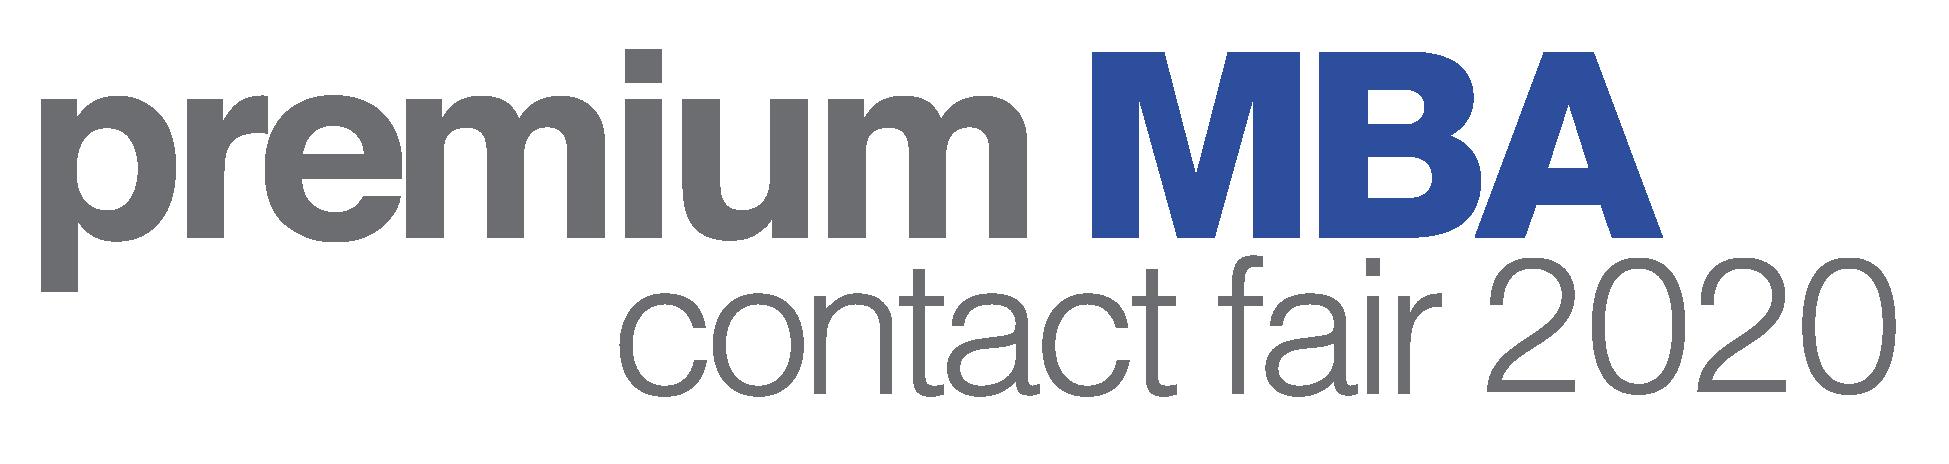 Premium MBA Contact Fair 2020